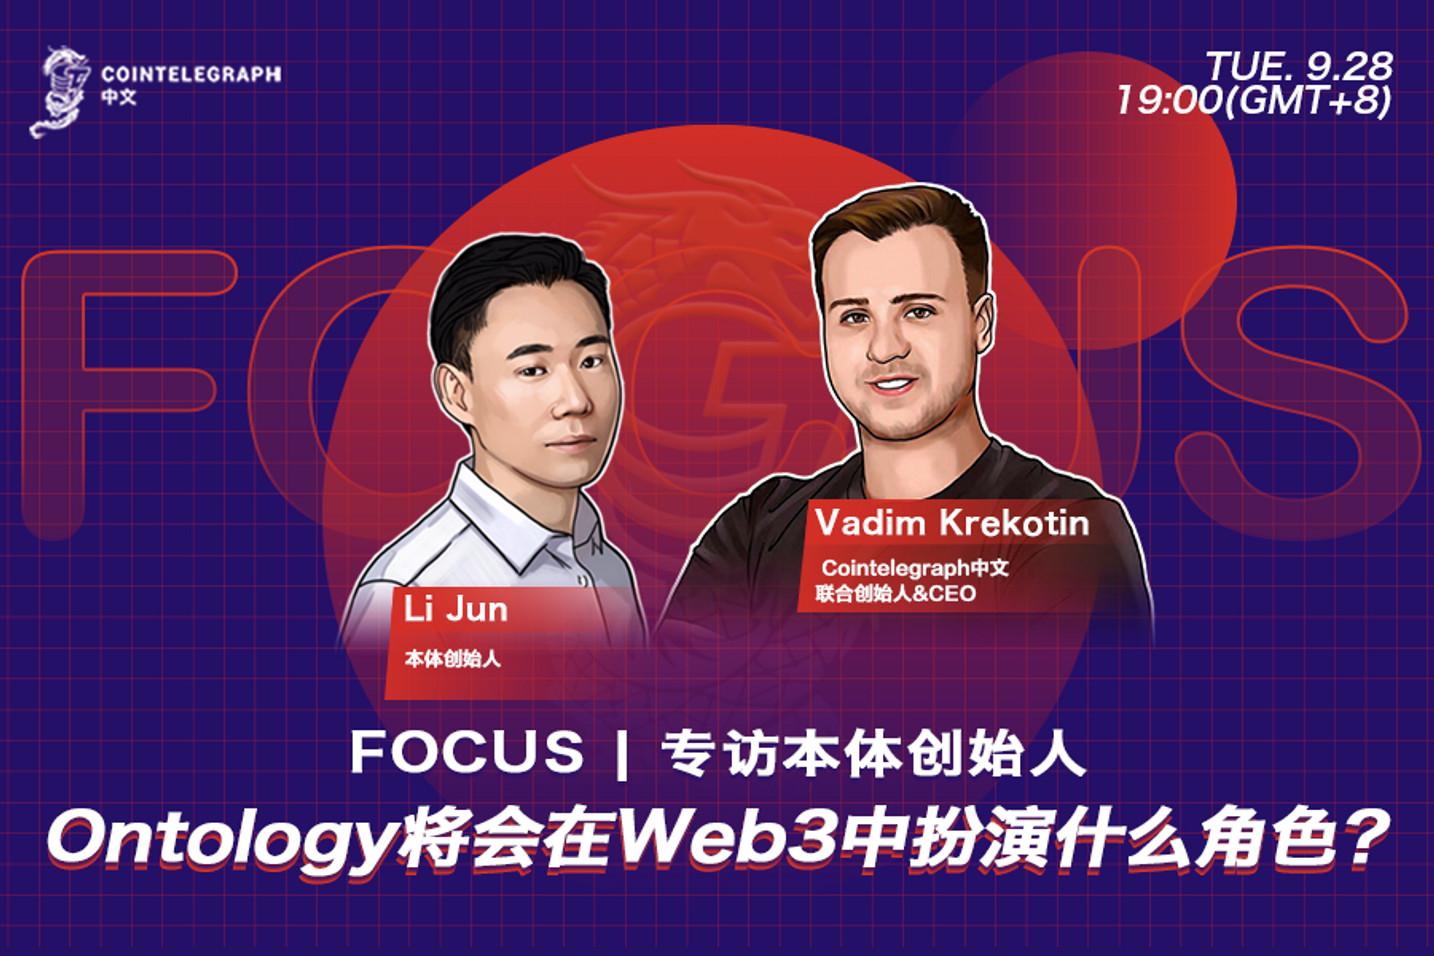 CT中文Focus|Web3世界急速扩张,本体将会在其中扮演什么角色?